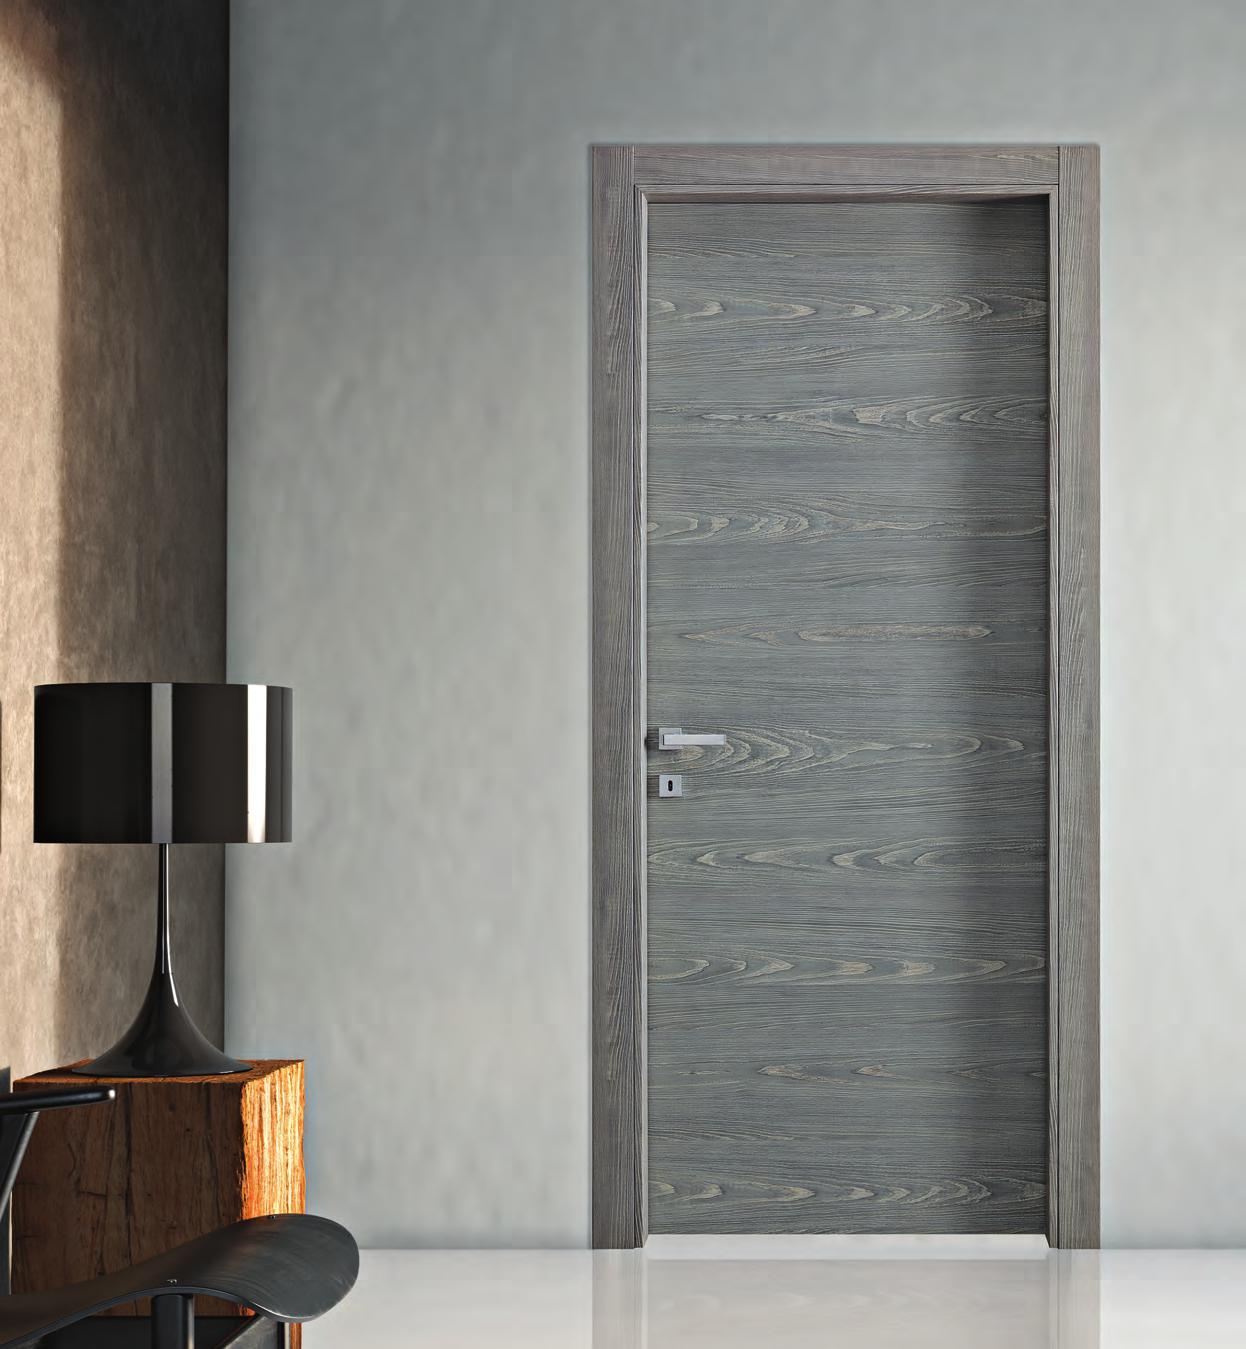 Bertolotto porte spa casazen negev porta in sabbia casa - Bertolotto porte spa ...